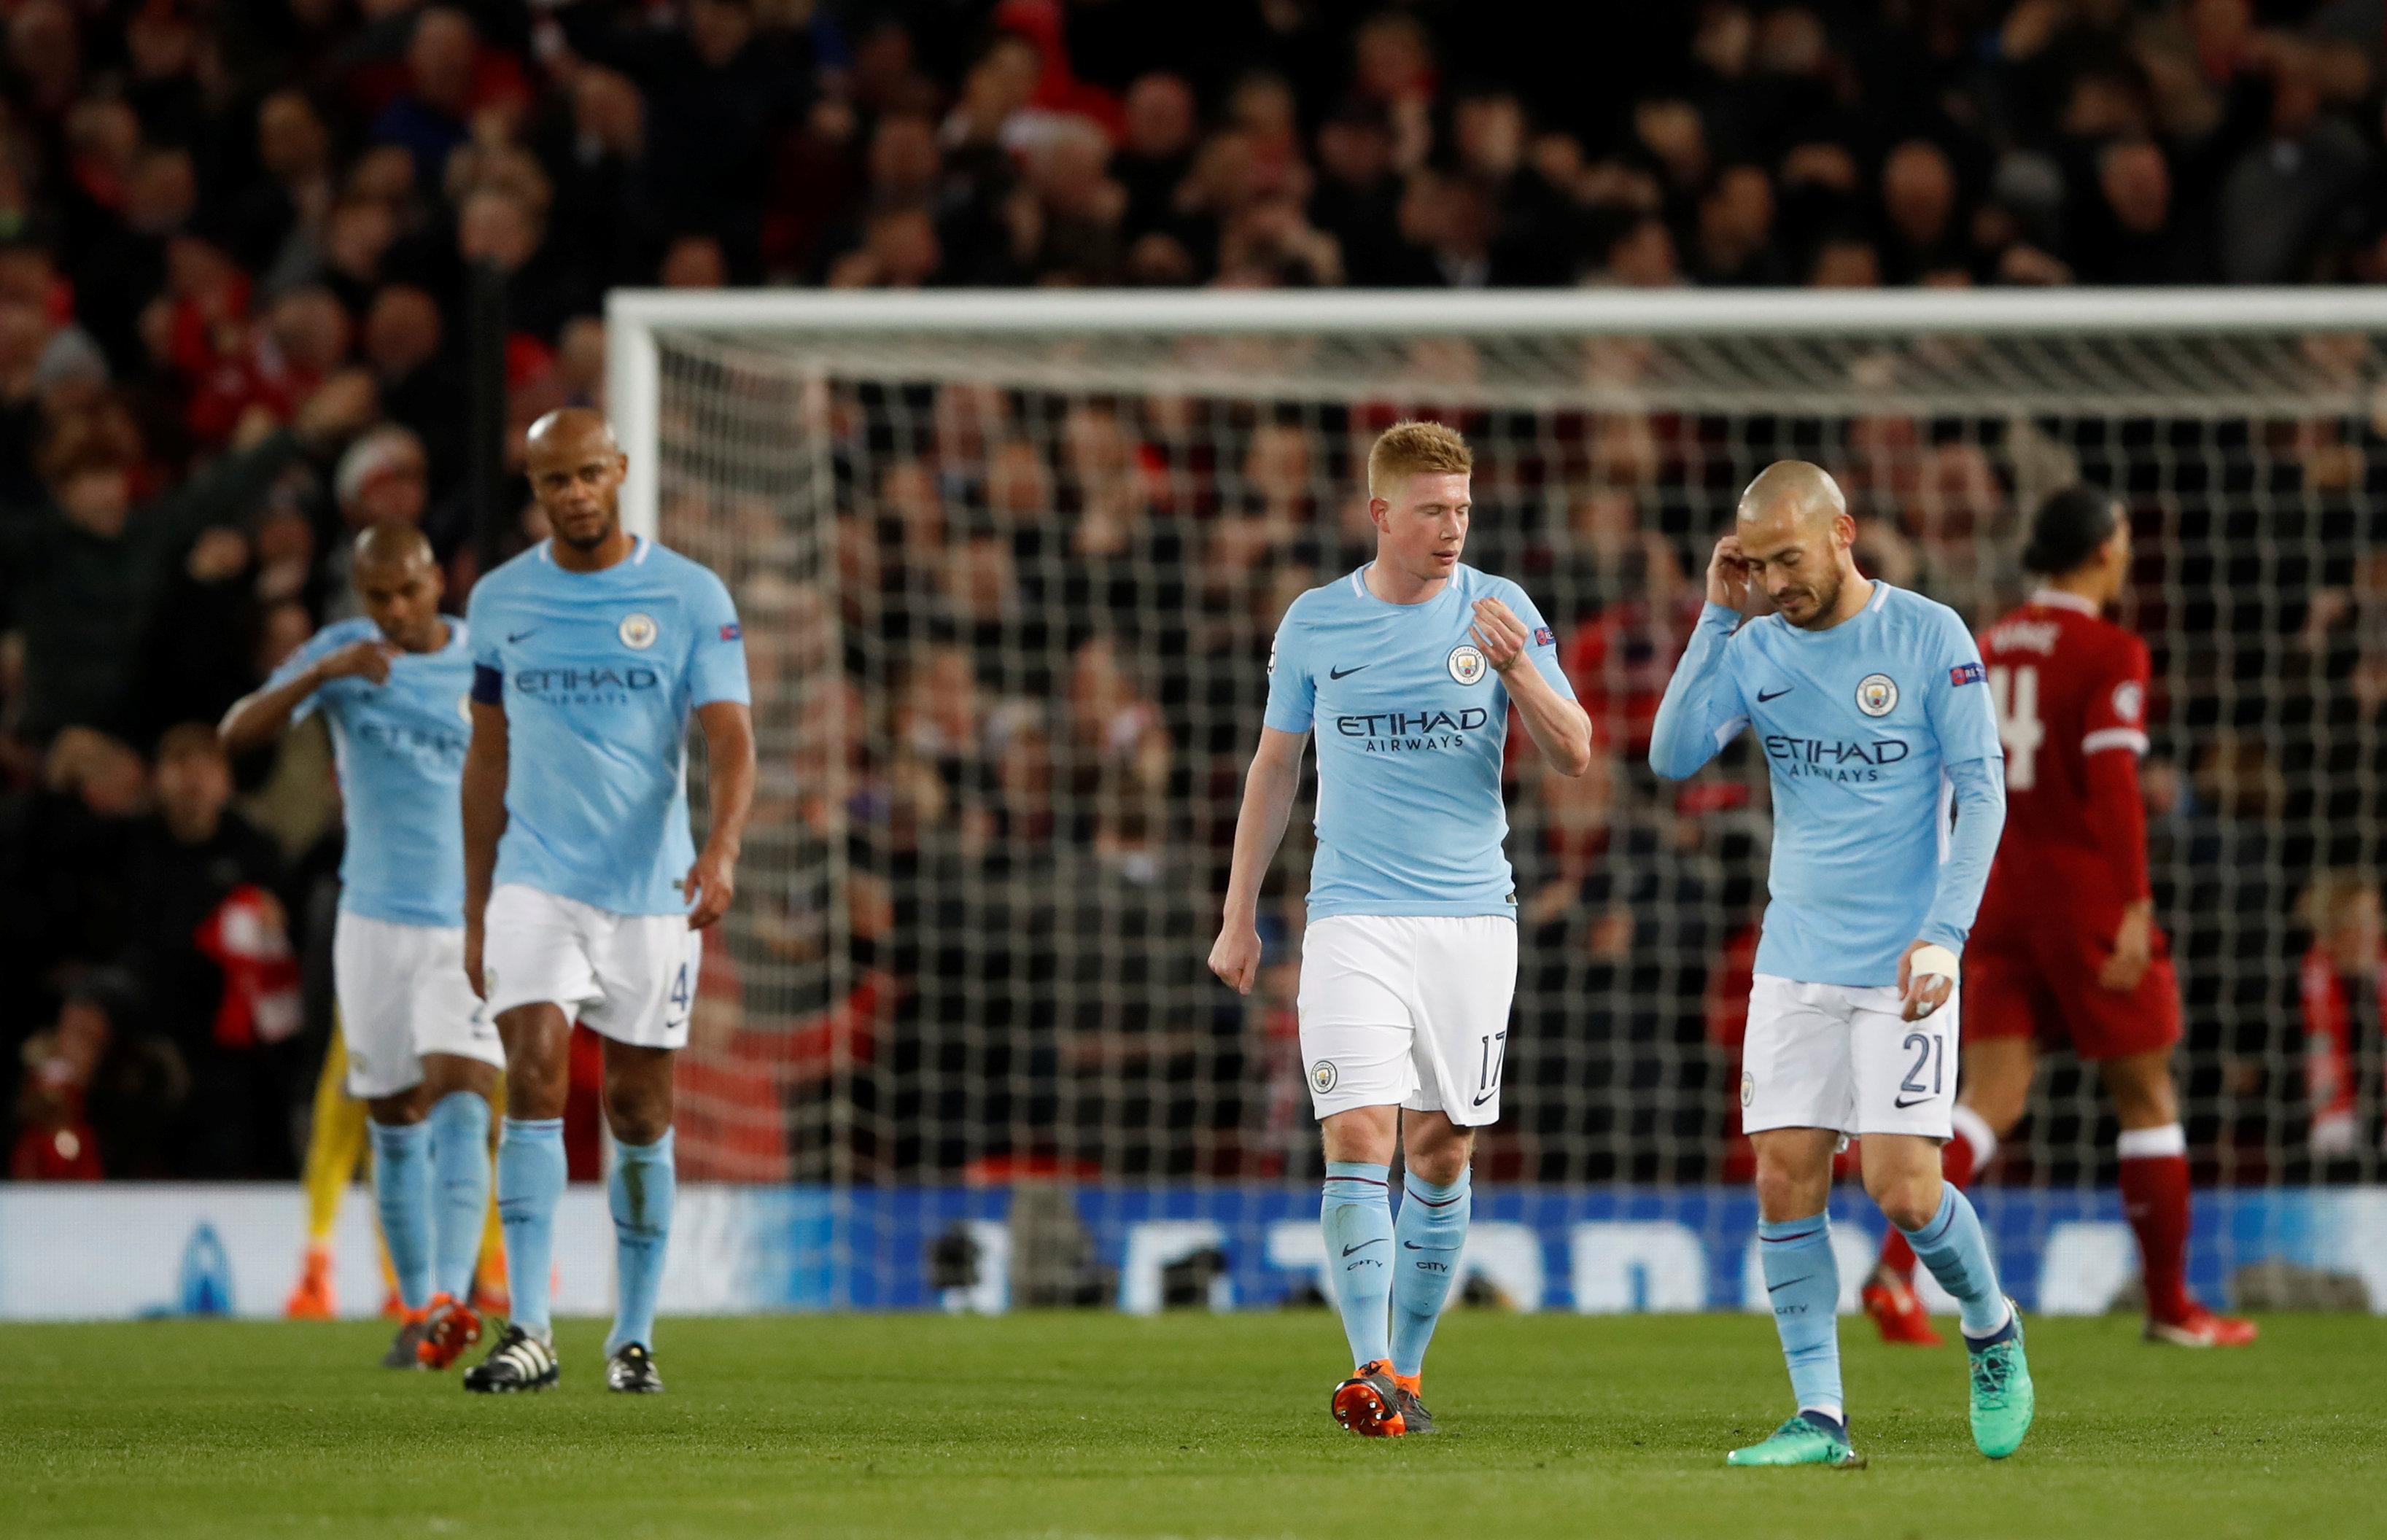 Nỗi thất vọng của các cầu thủ M.C sau trận thua Liverpool. Ảnh: REUTERS